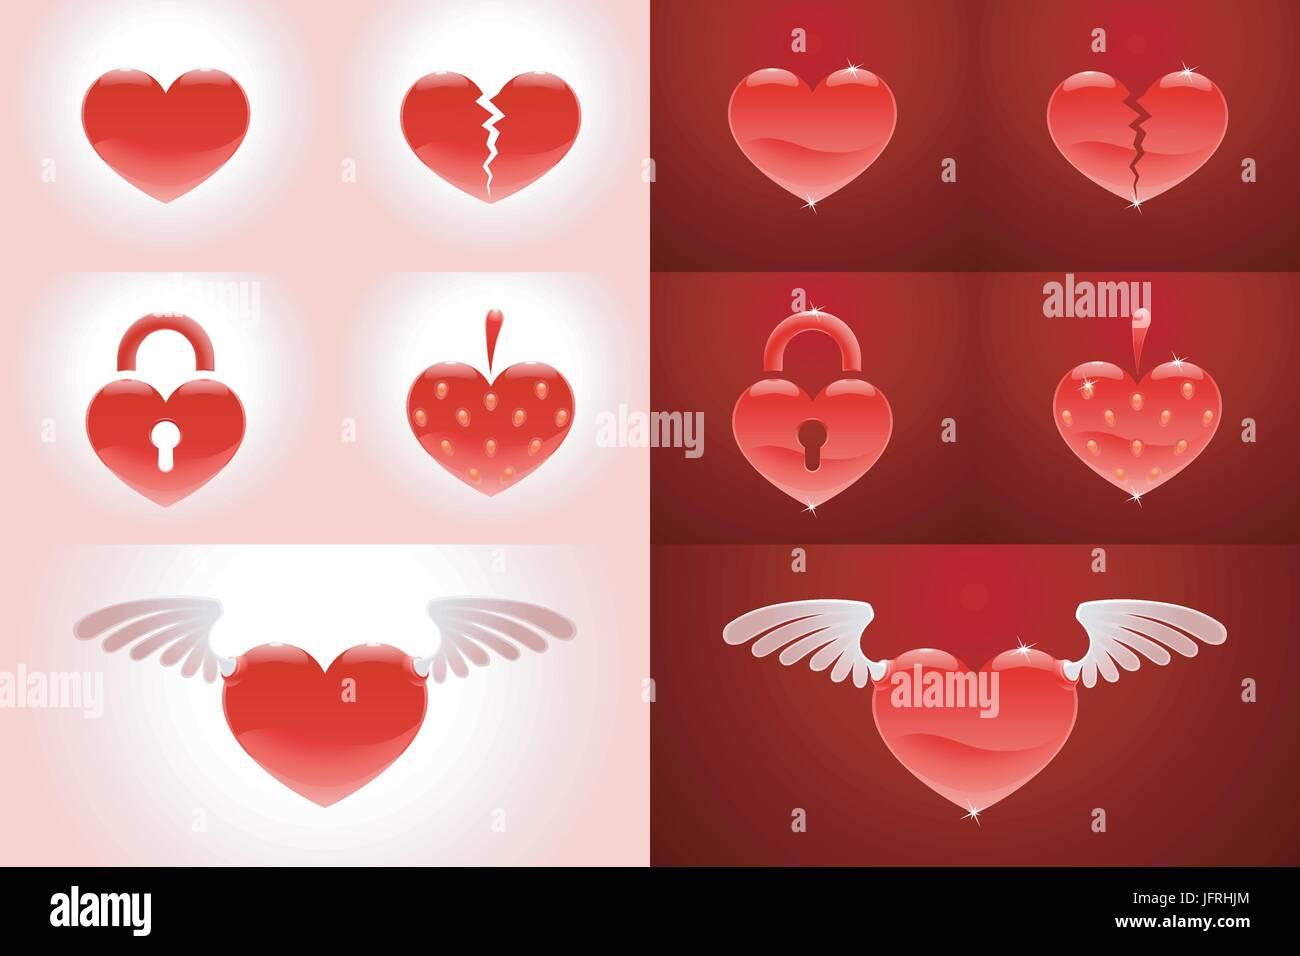 Broken Heart Symbols Stock Photos Broken Heart Symbols Stock